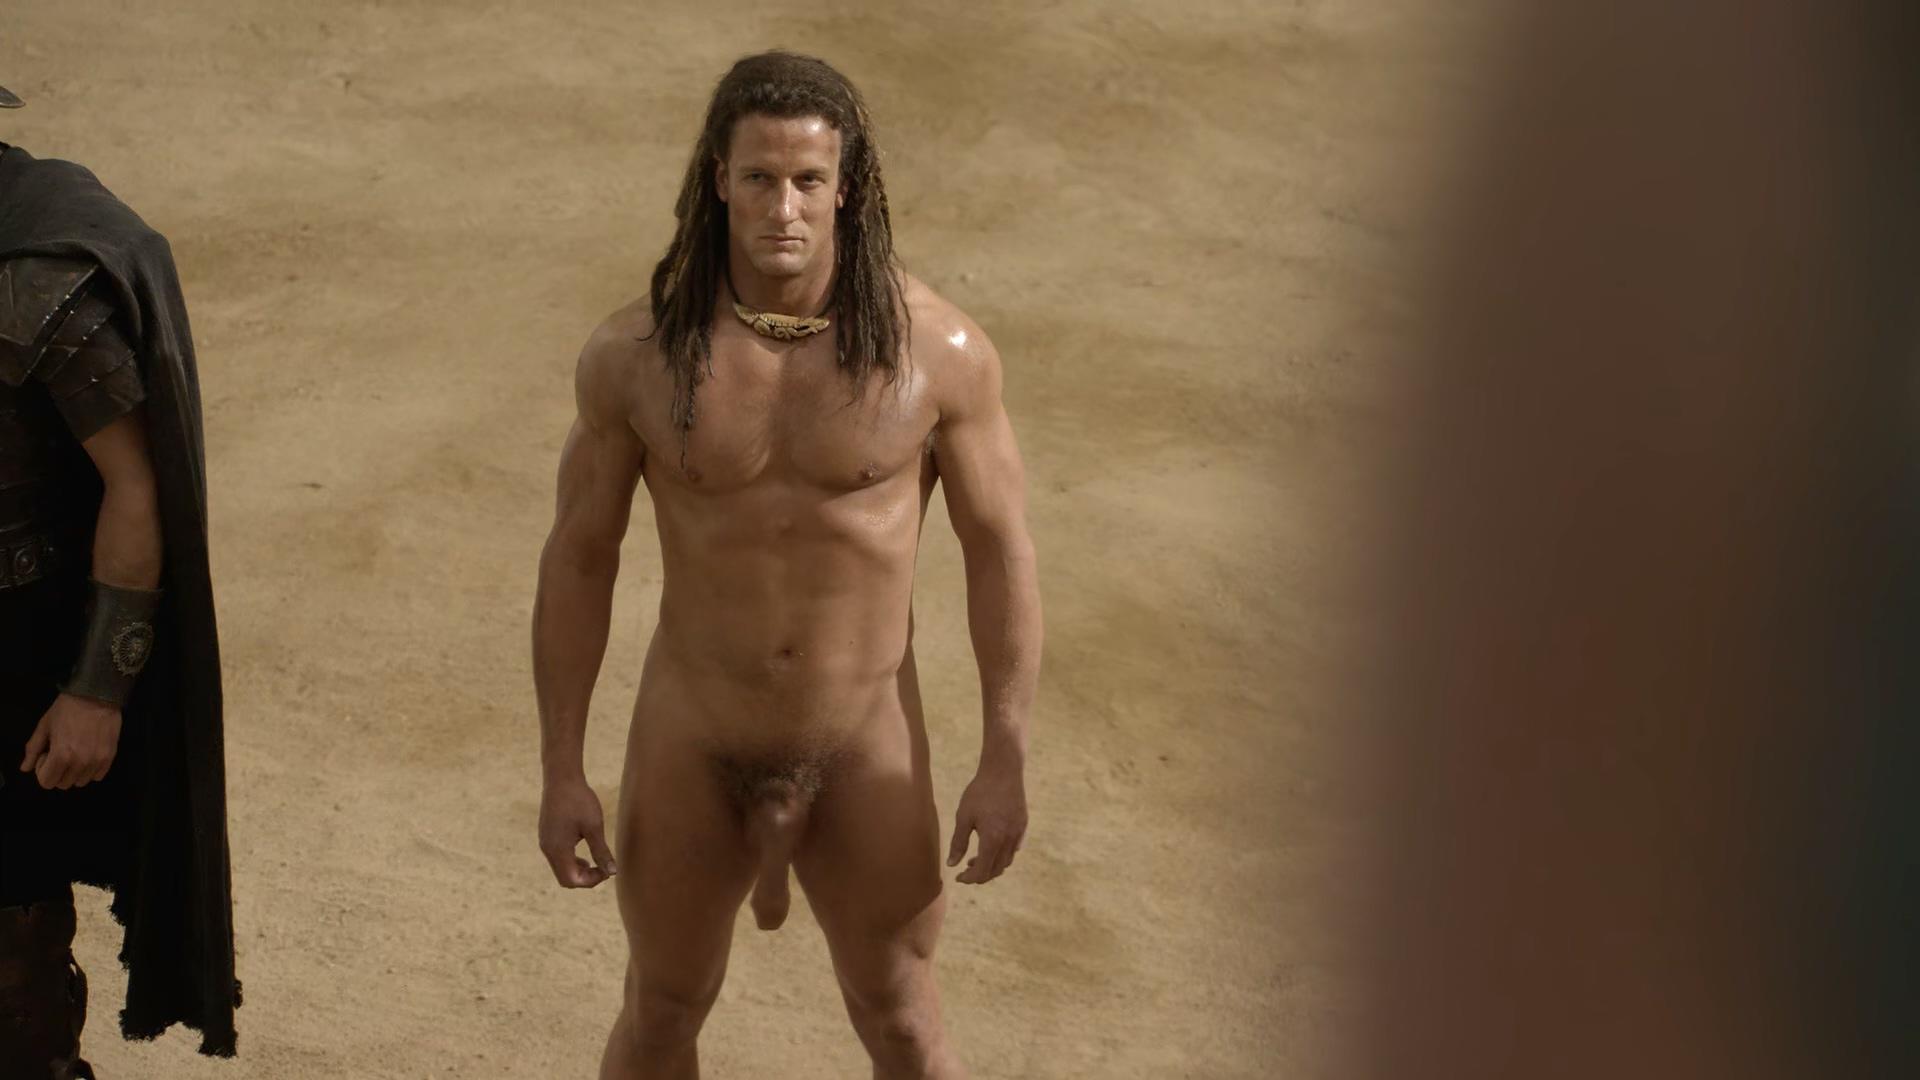 задержавшись, потихоньку фото голых парней из фильмов значительном растяжении